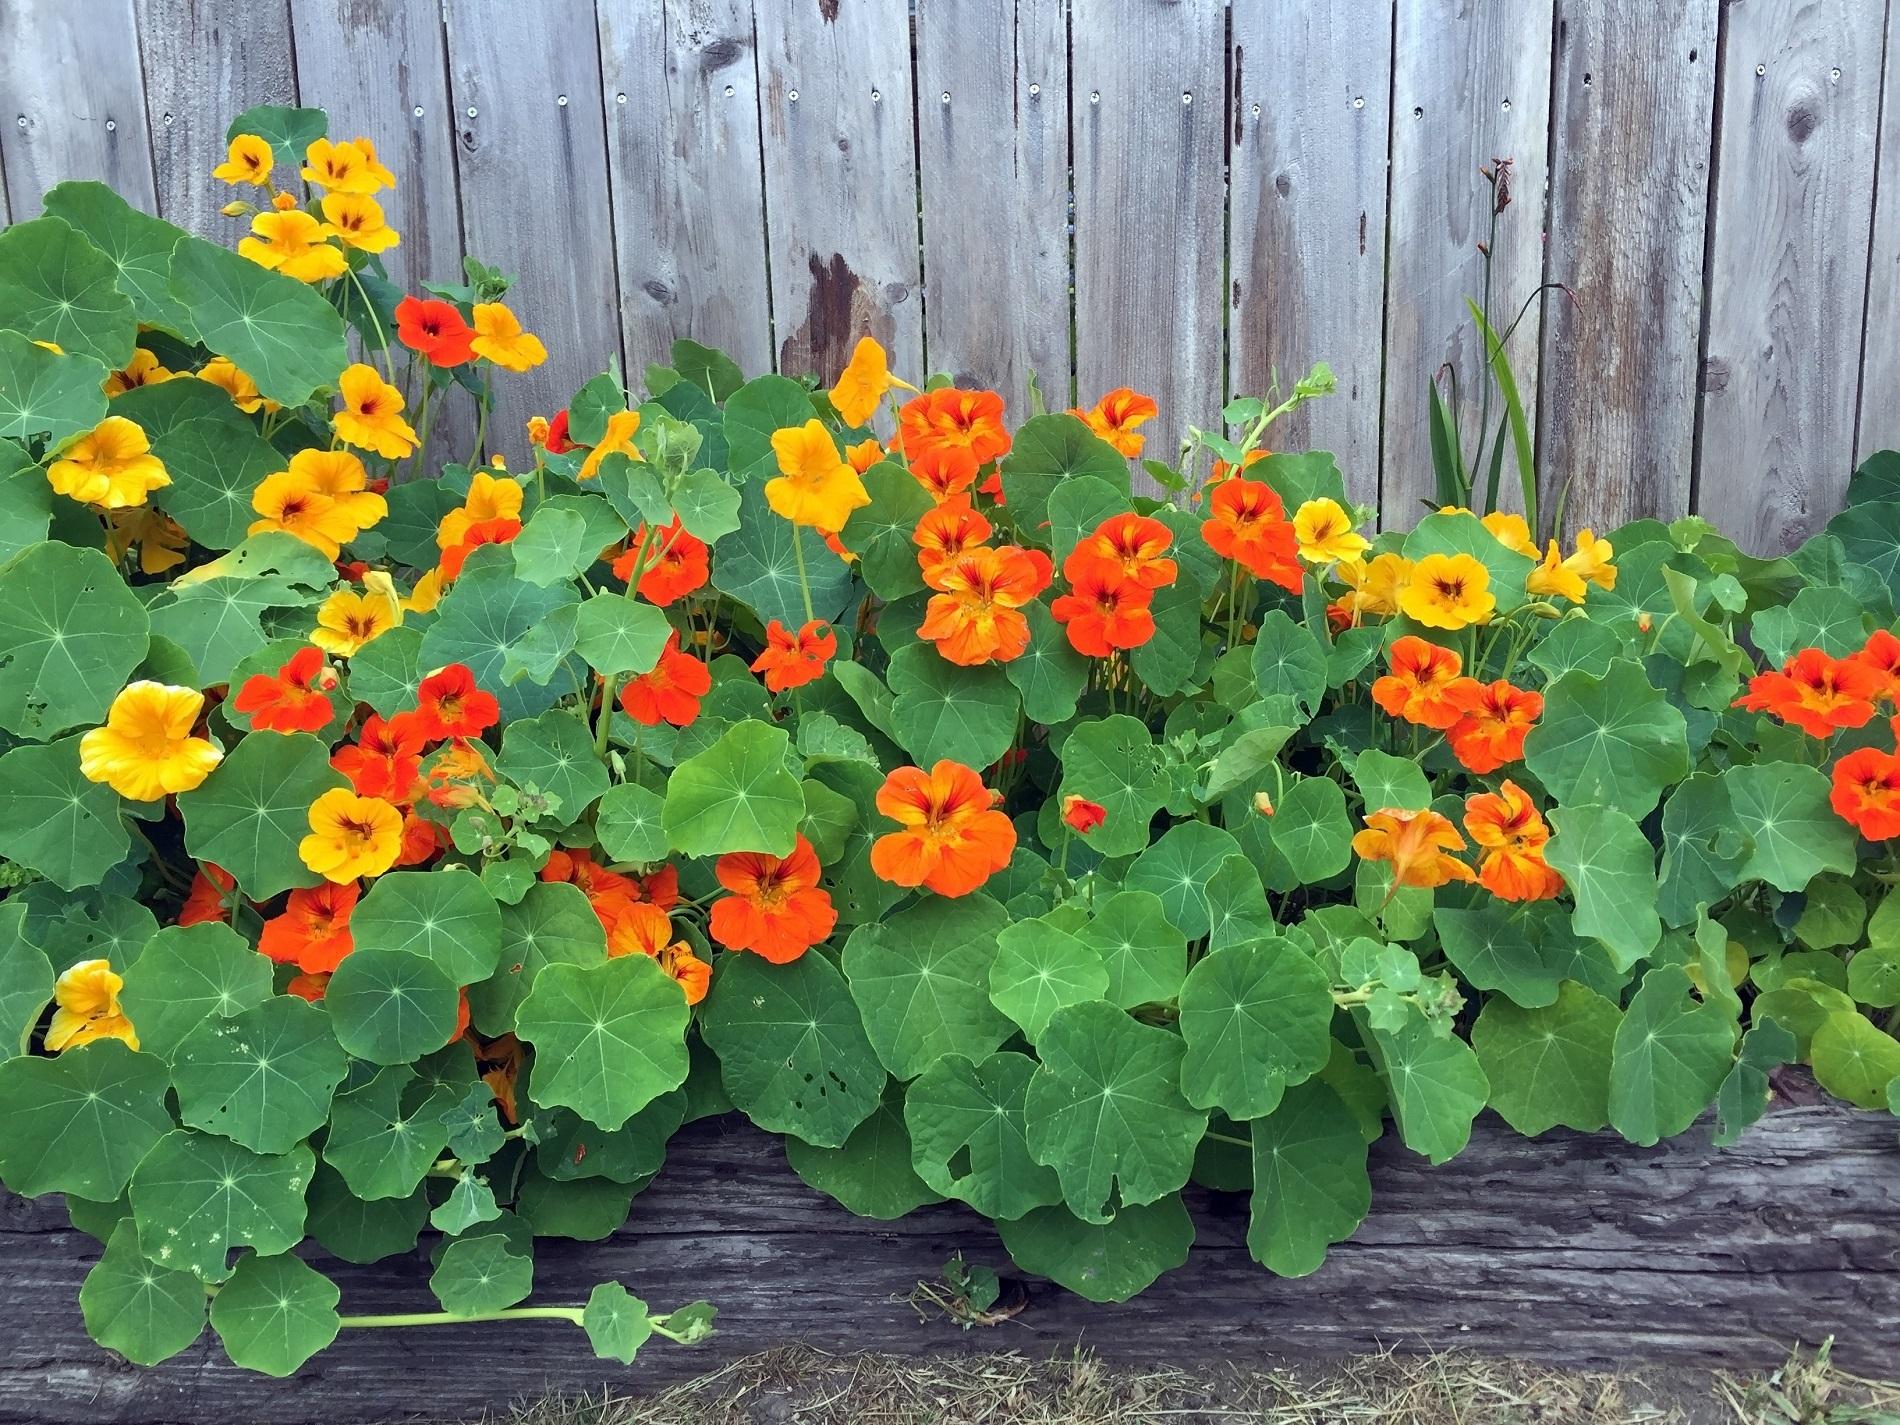 Asociaciones de cultivos para repeler plagas y enfermedades en tu huerto doméstico